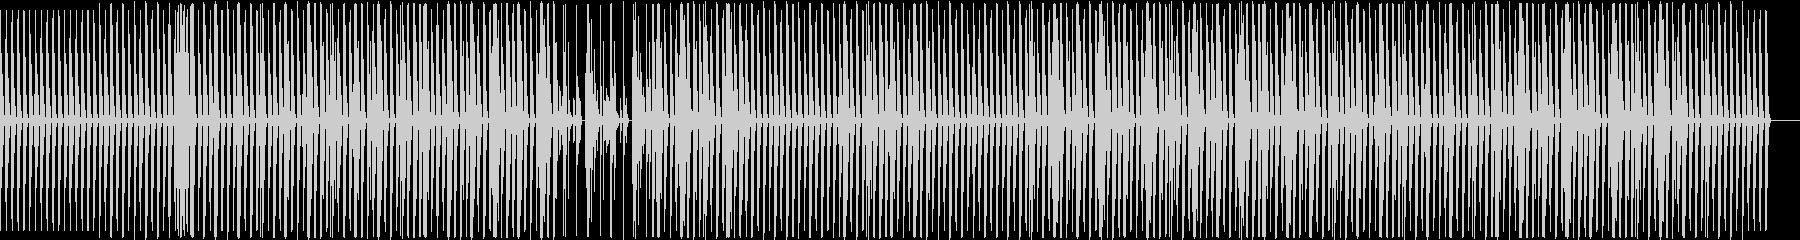 メイキング 倍速再生 早送りの未再生の波形